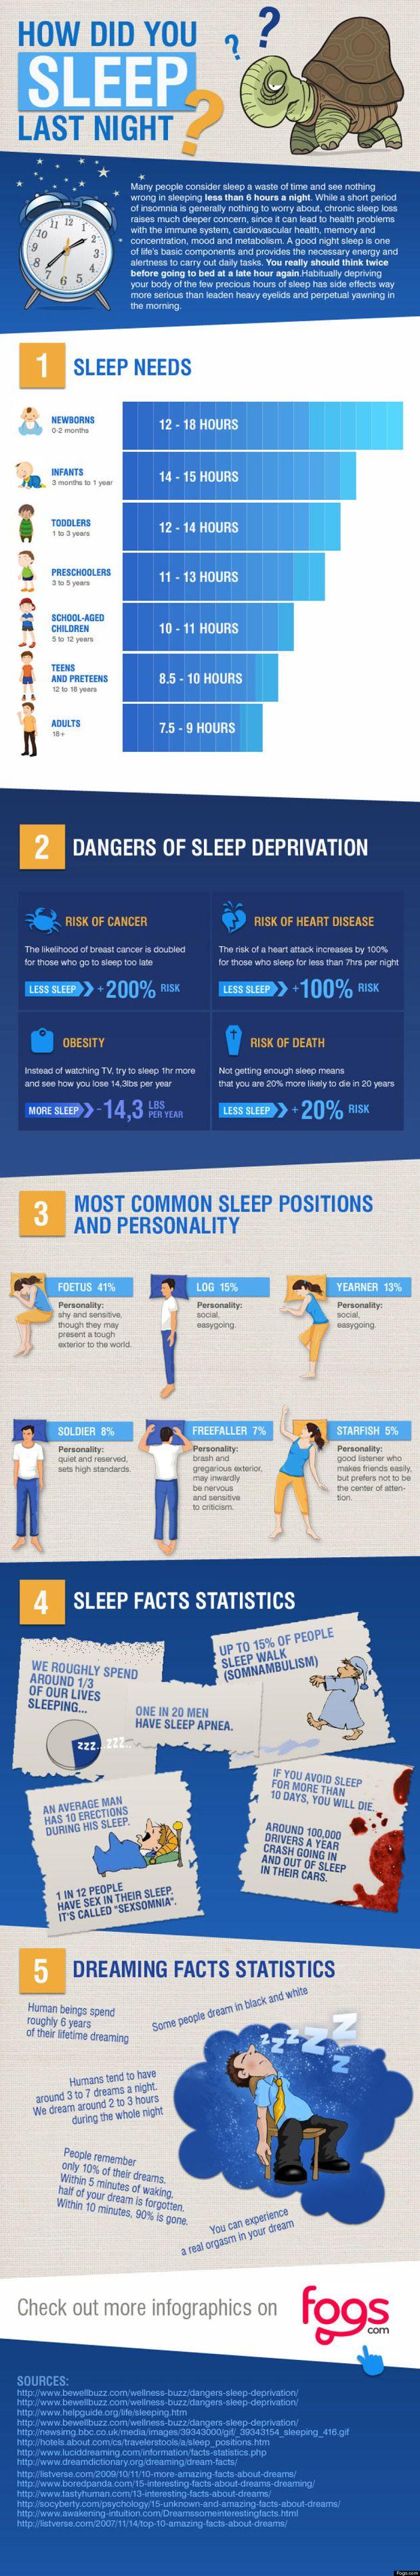 Santé, bien dormir: le temps de sommeil nécessaire dépend de l'âge